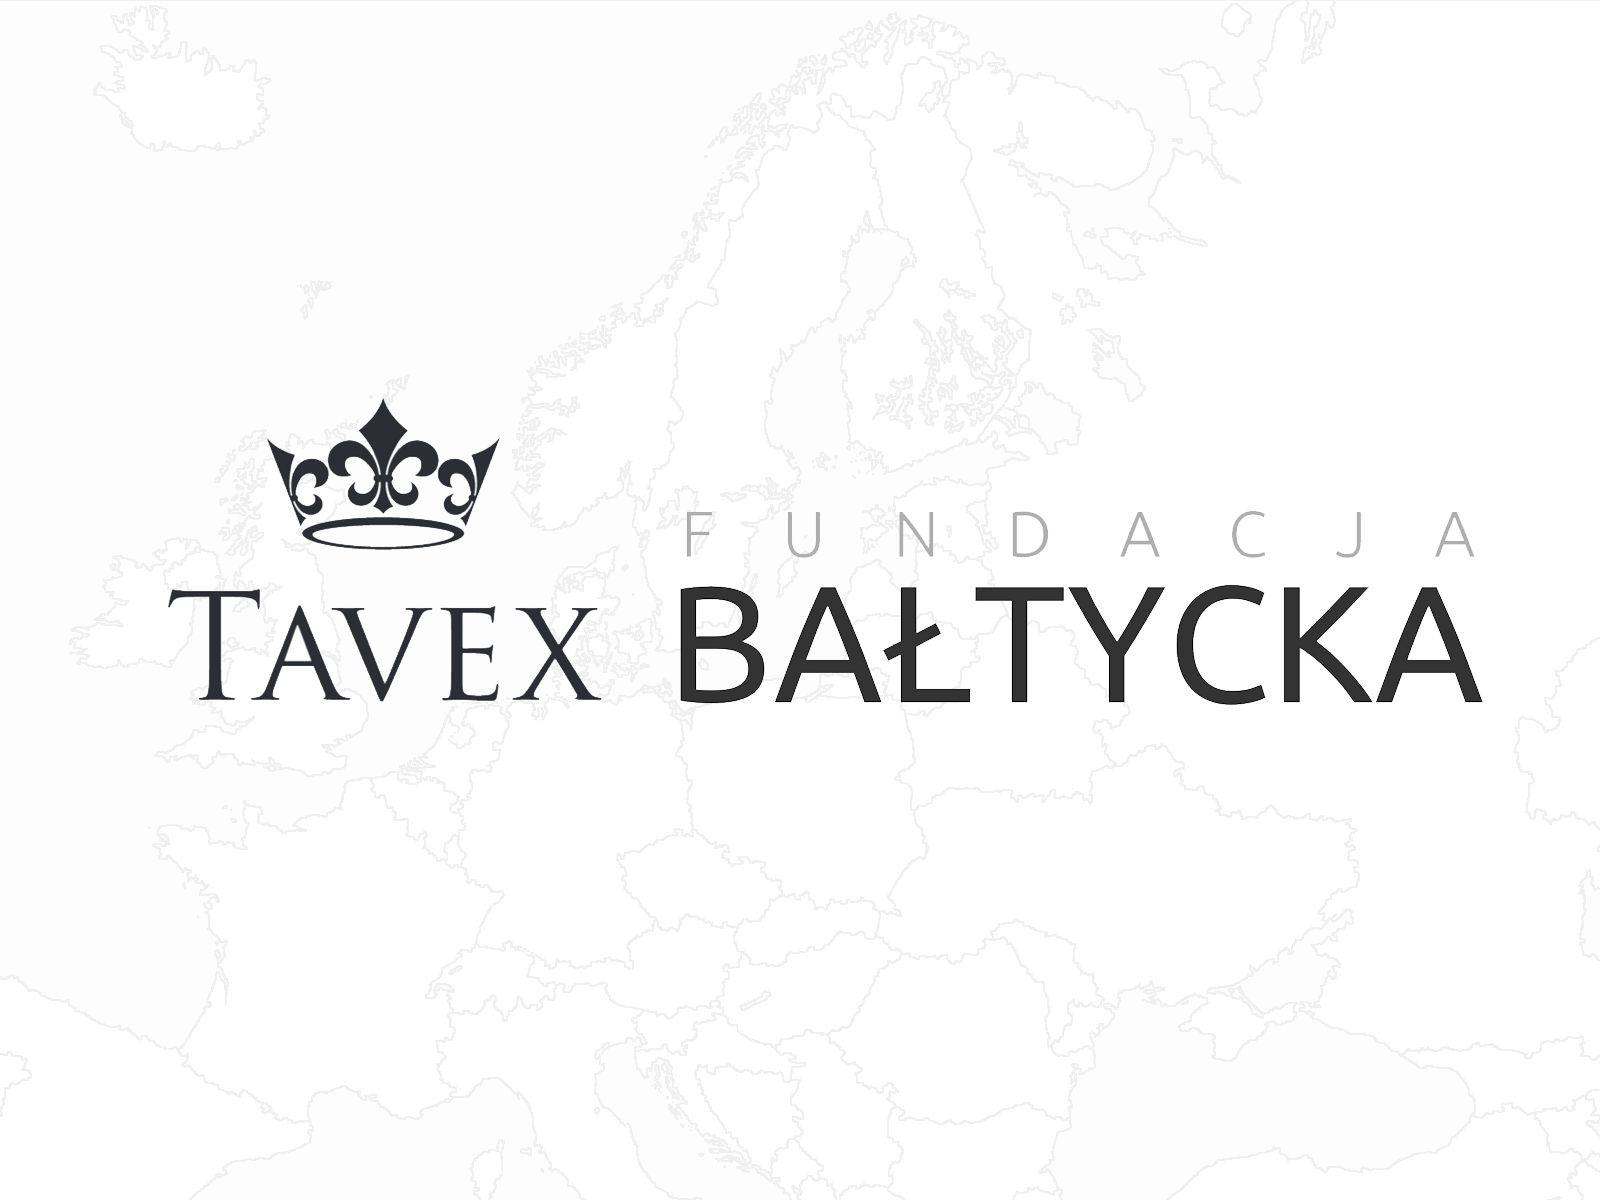 Spółka Tavex wesprze działalność Fundacji Bałtyckiej